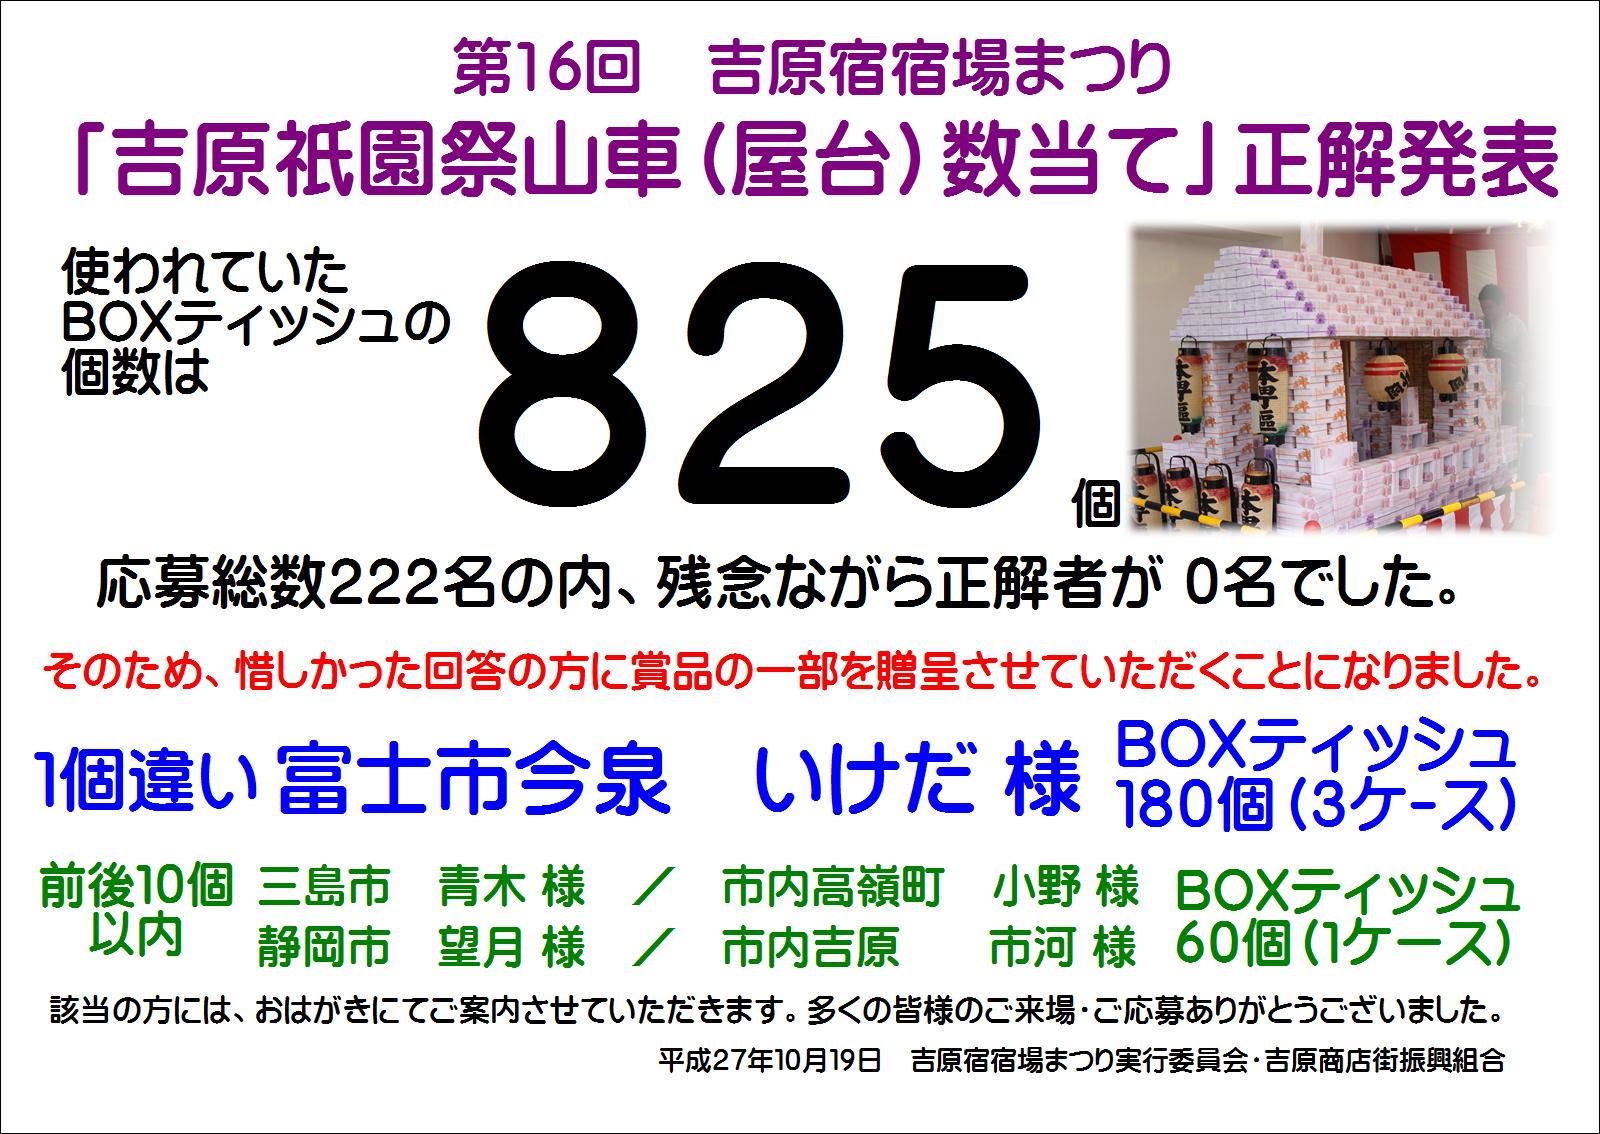 吉原宿宿場まつり 吉原祇園祭山車(屋台)数当てクイズ 正解発表